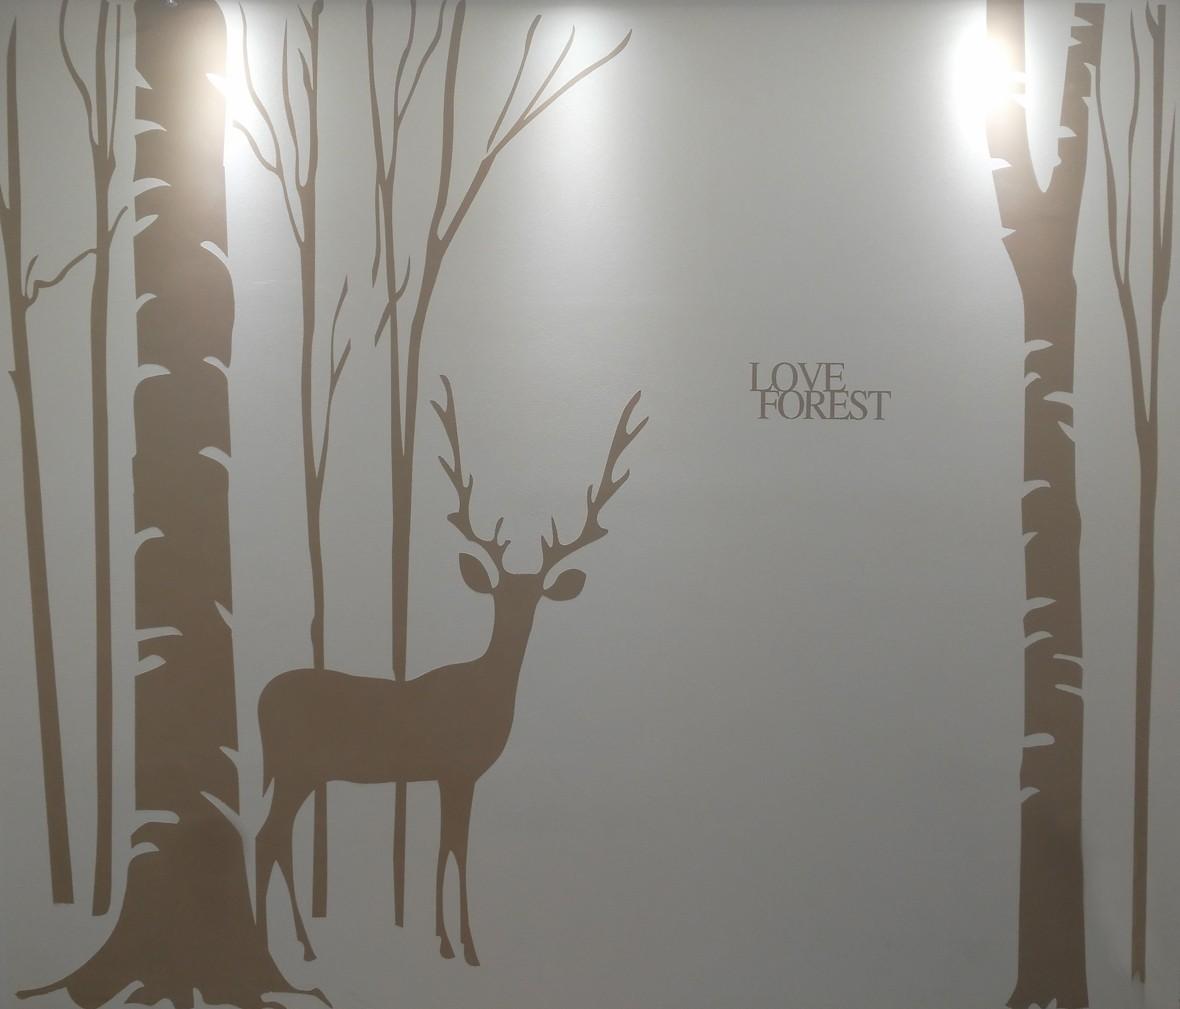 正和环艺 兴保硅藻泥 小鹿型号 硅藻泥 墙衣 内墙涂料